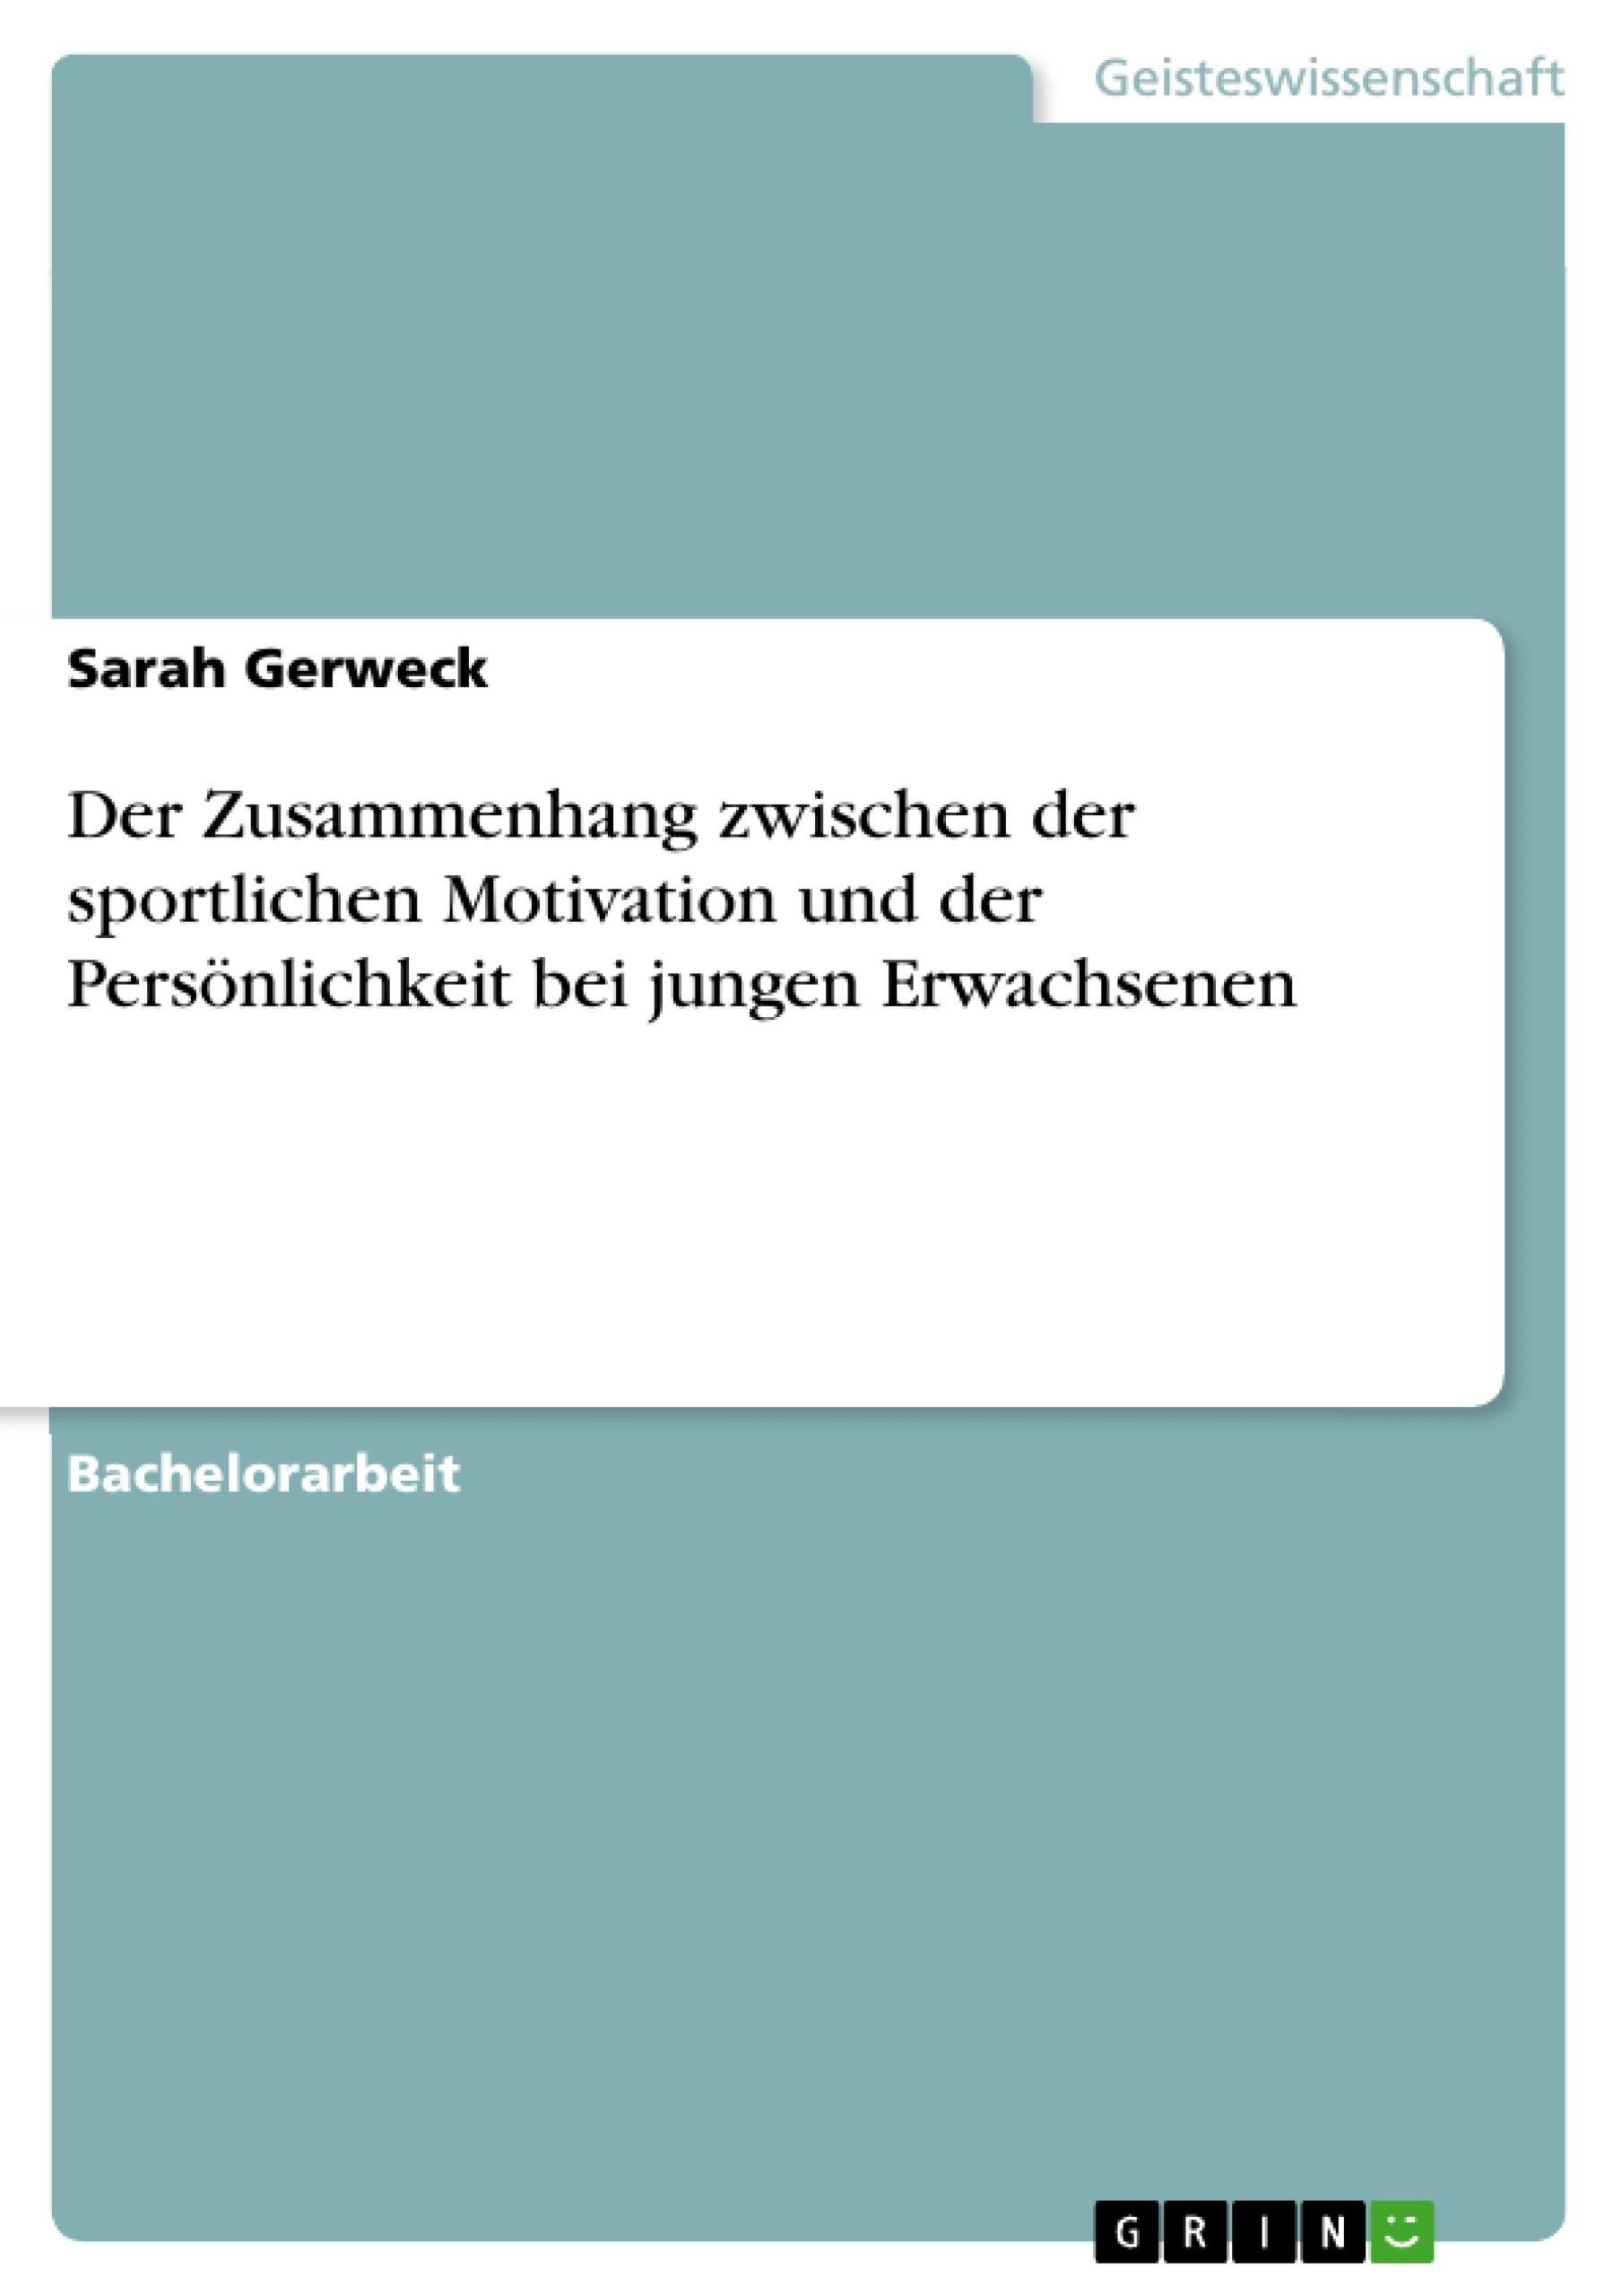 Titel: Der Zusammenhang zwischen der sportlichen Motivation und der Persönlichkeit bei jungen Erwachsenen